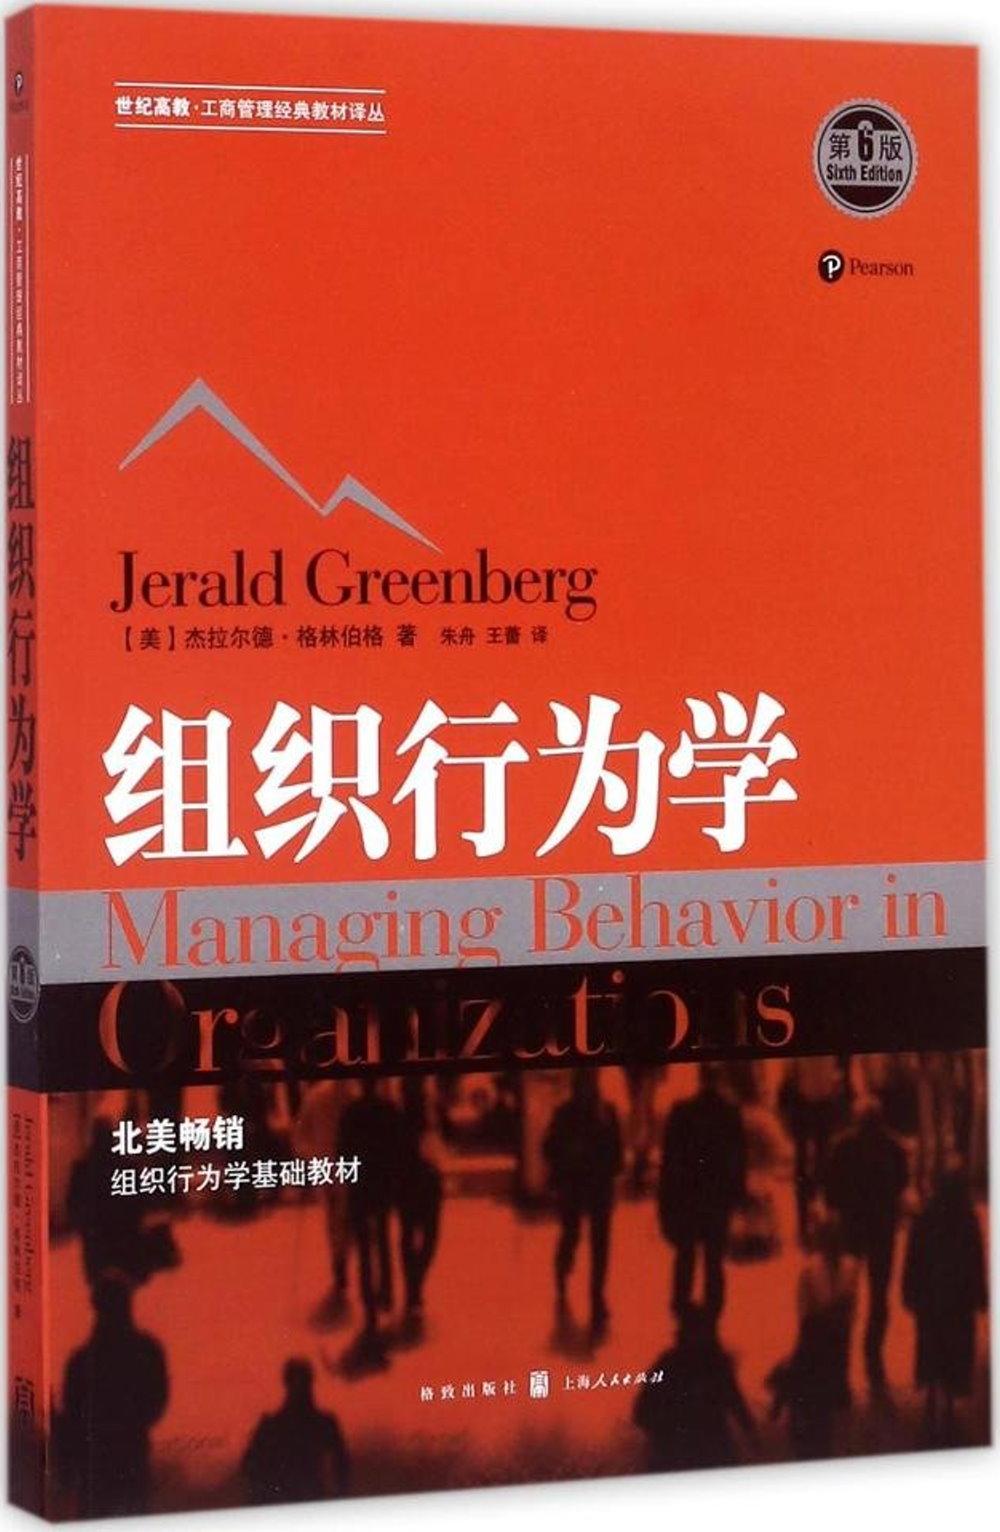 組織行為學(第6版)